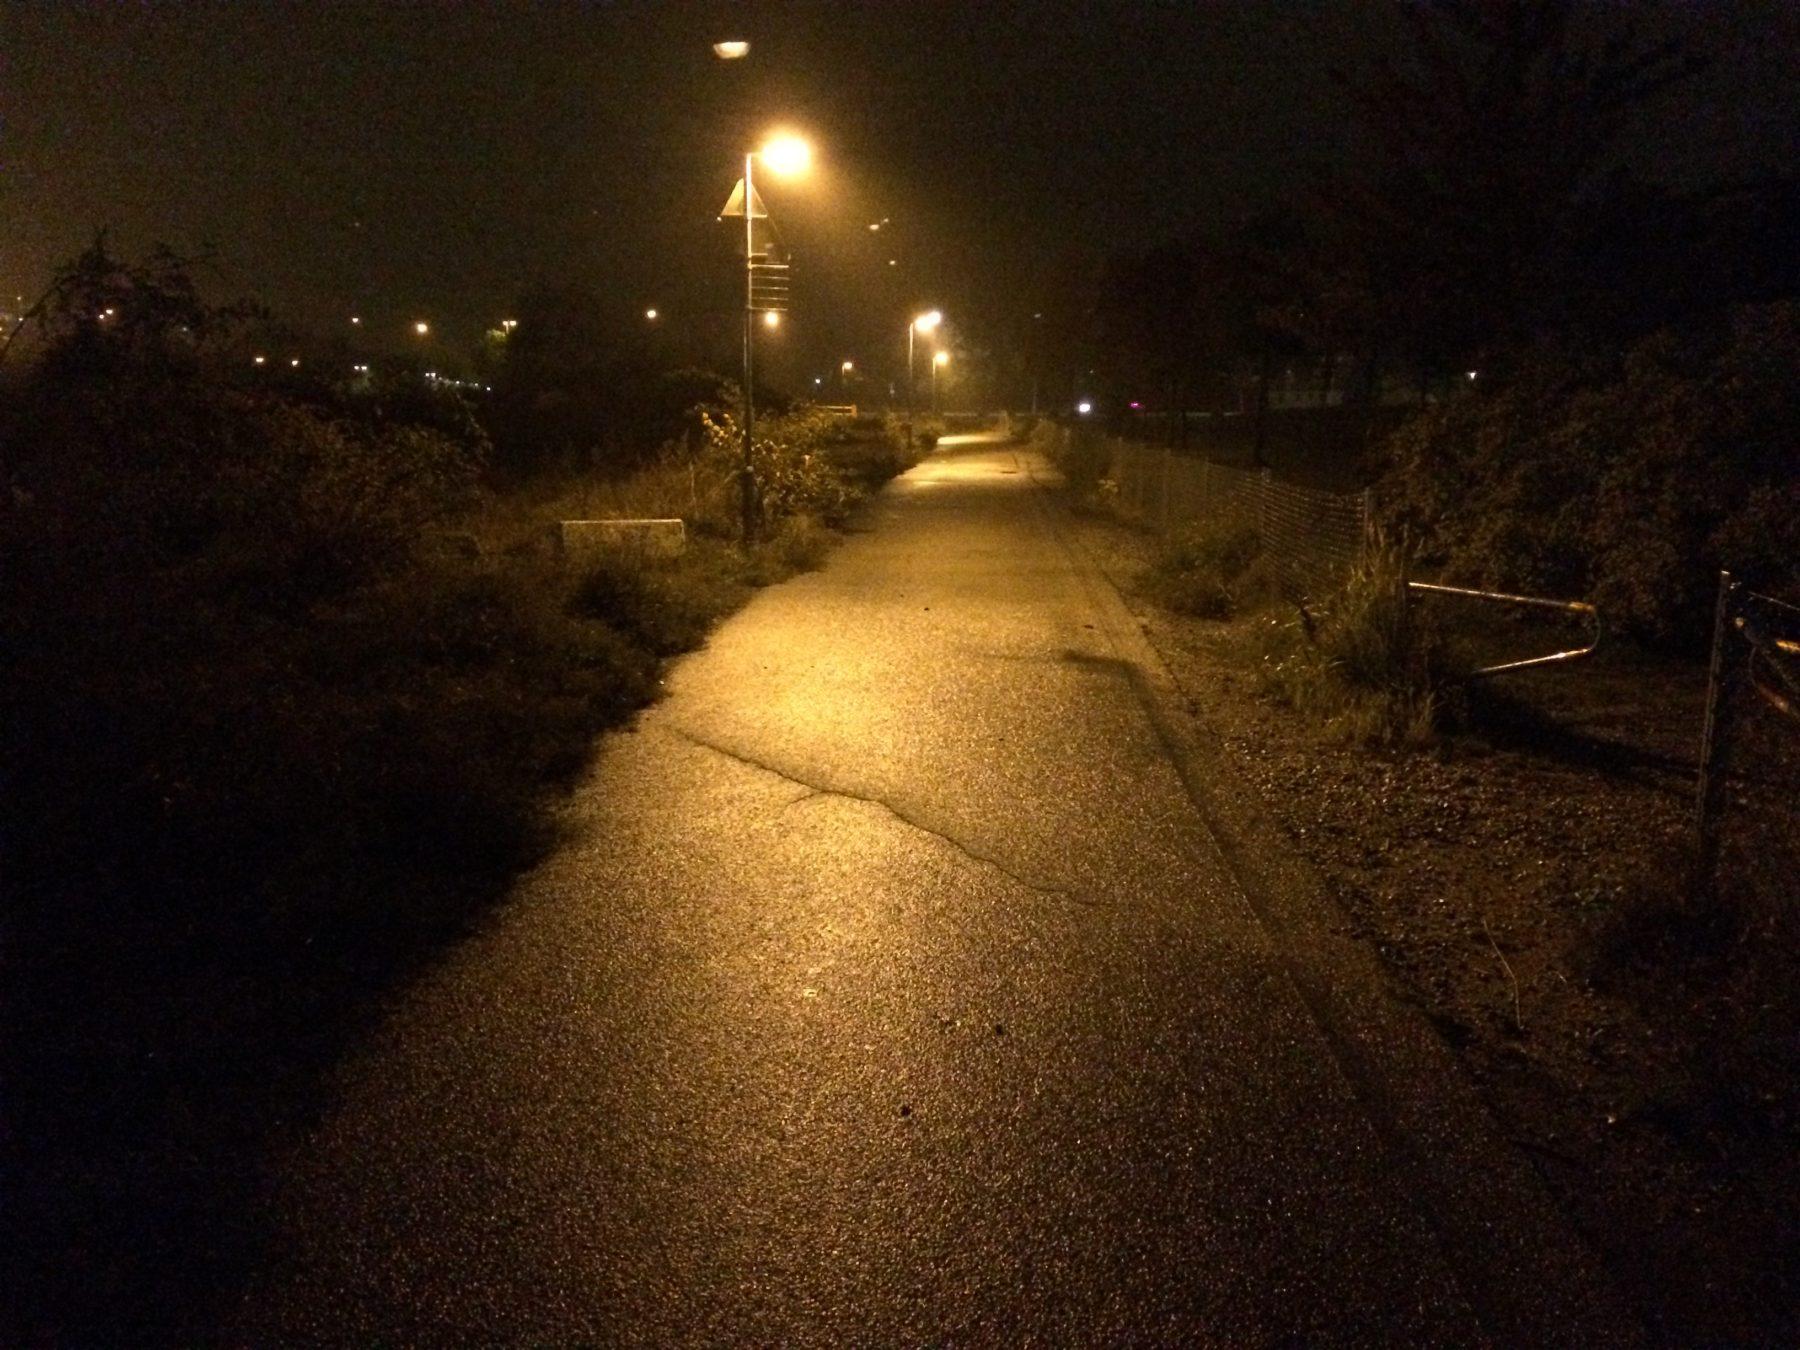 GC-bana i Västra hamnen (Malmö) med många skuggor och mörka partier..